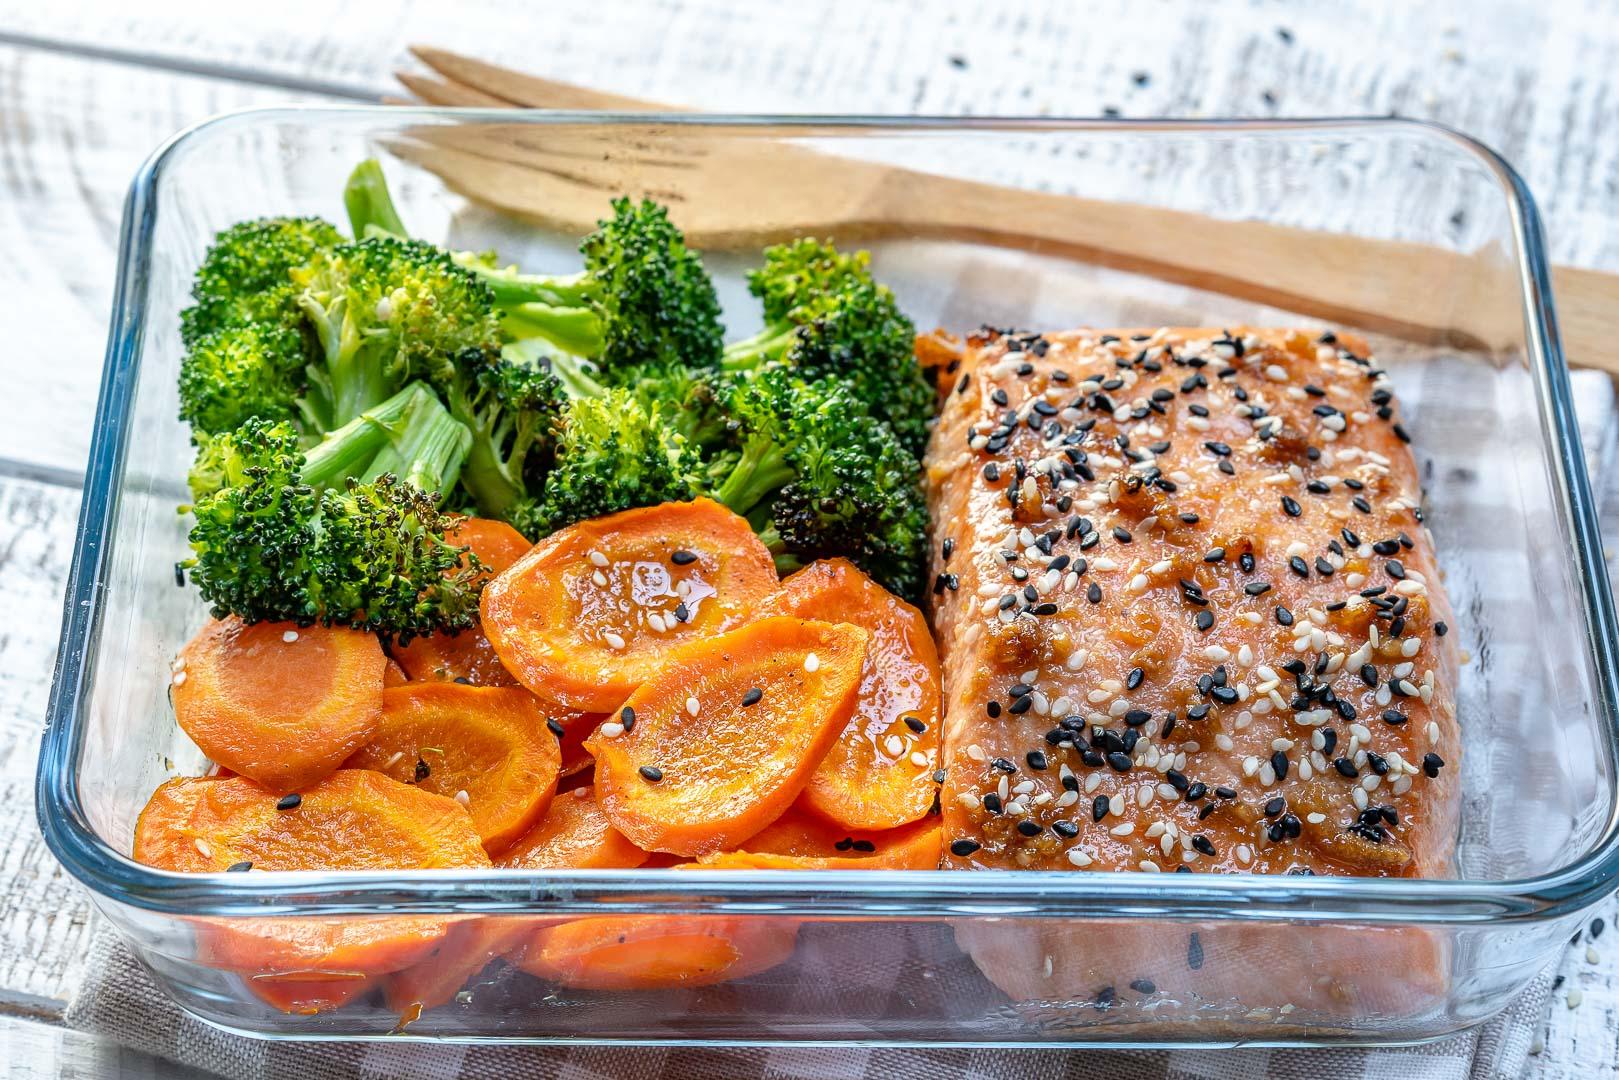 Sesame Seed Teriyaki Salmon with Broccoli Carrots